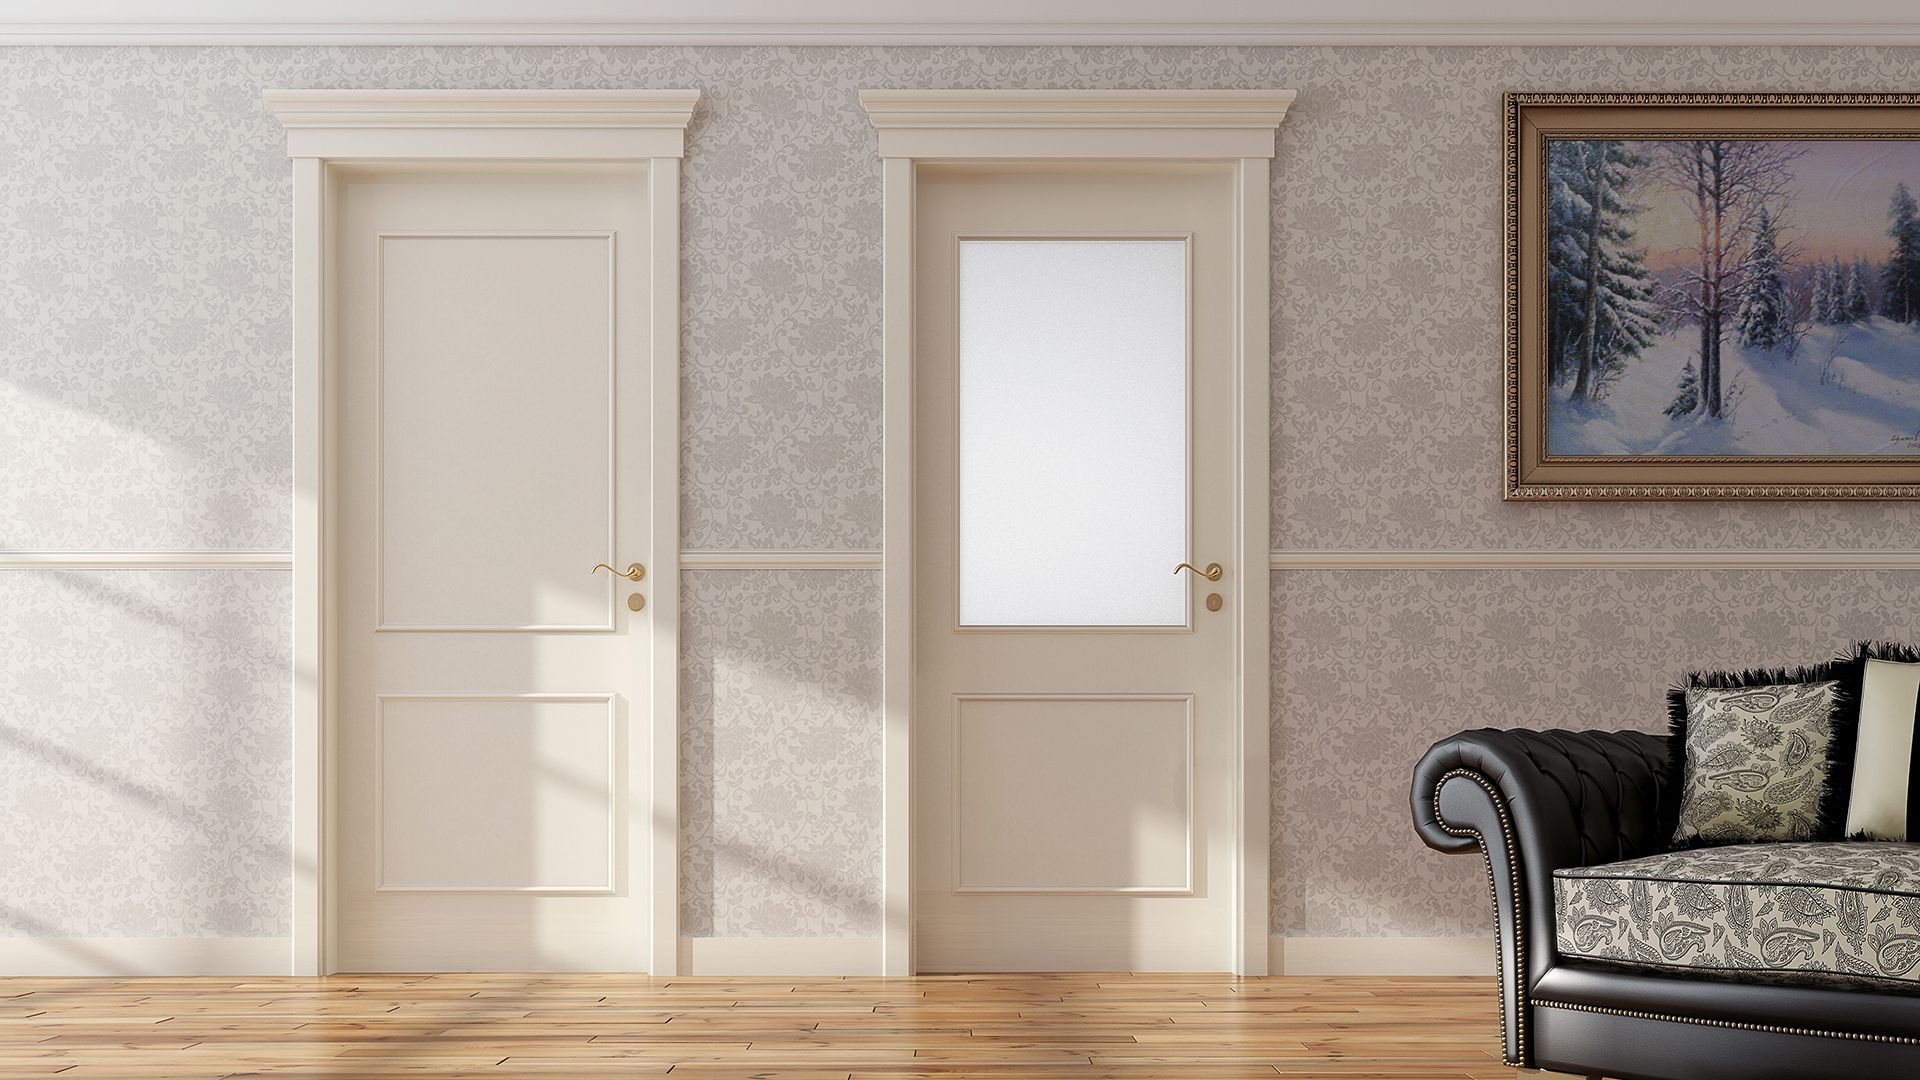 ancona grupa door line. Black Bedroom Furniture Sets. Home Design Ideas